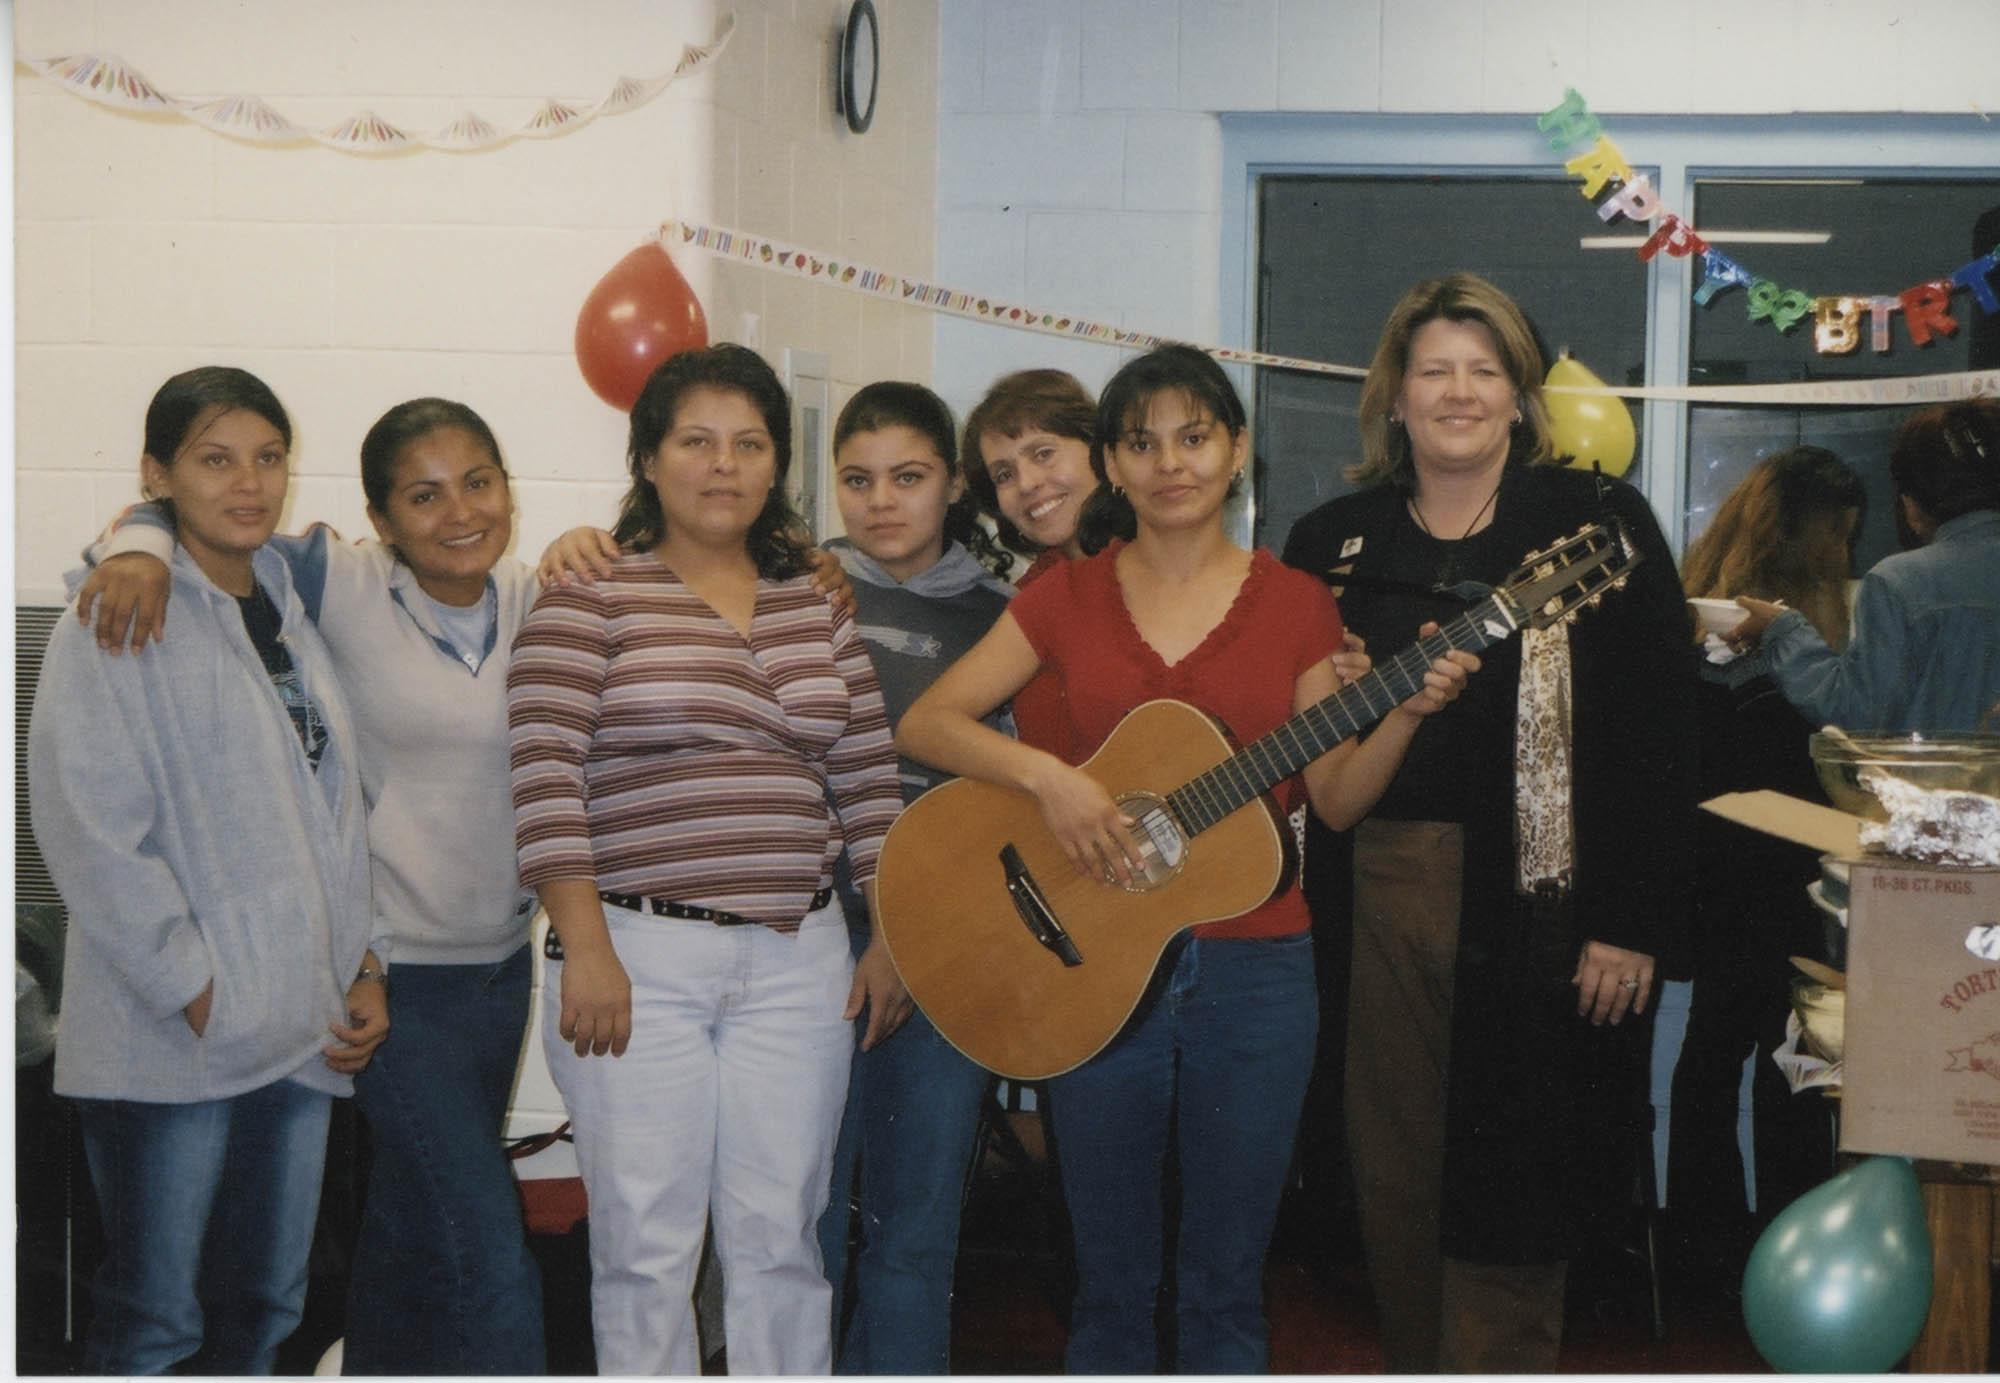 Fotografía de dos maestras de inglés y sus estudiantes / Photograph of English Teachers and Students